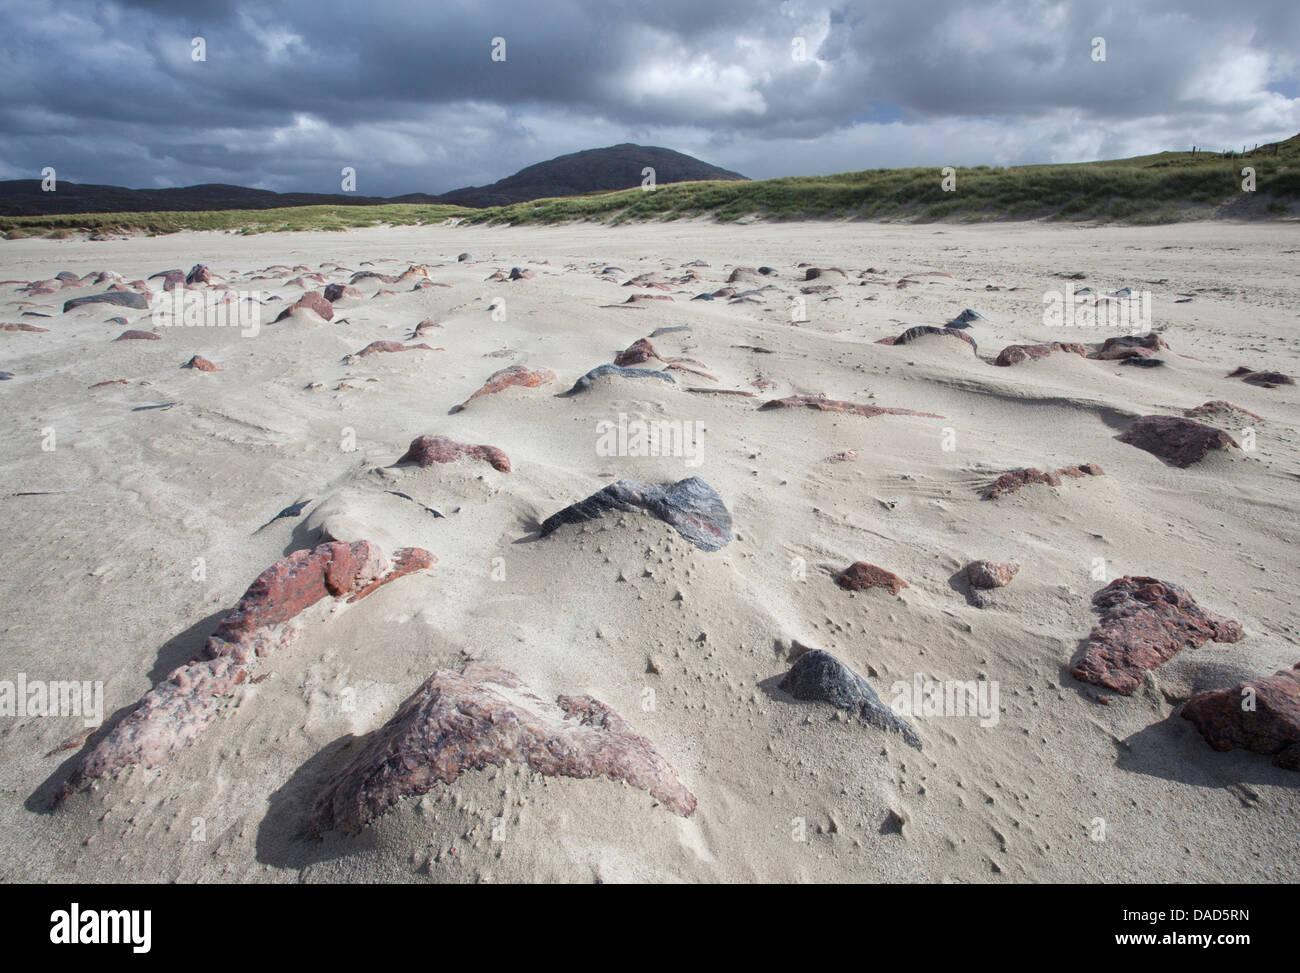 Uig Playa con patrones en primer plano creado por el viento que sopla la arena, Isla de Lewis, Hébridas Exteriores, Imagen De Stock